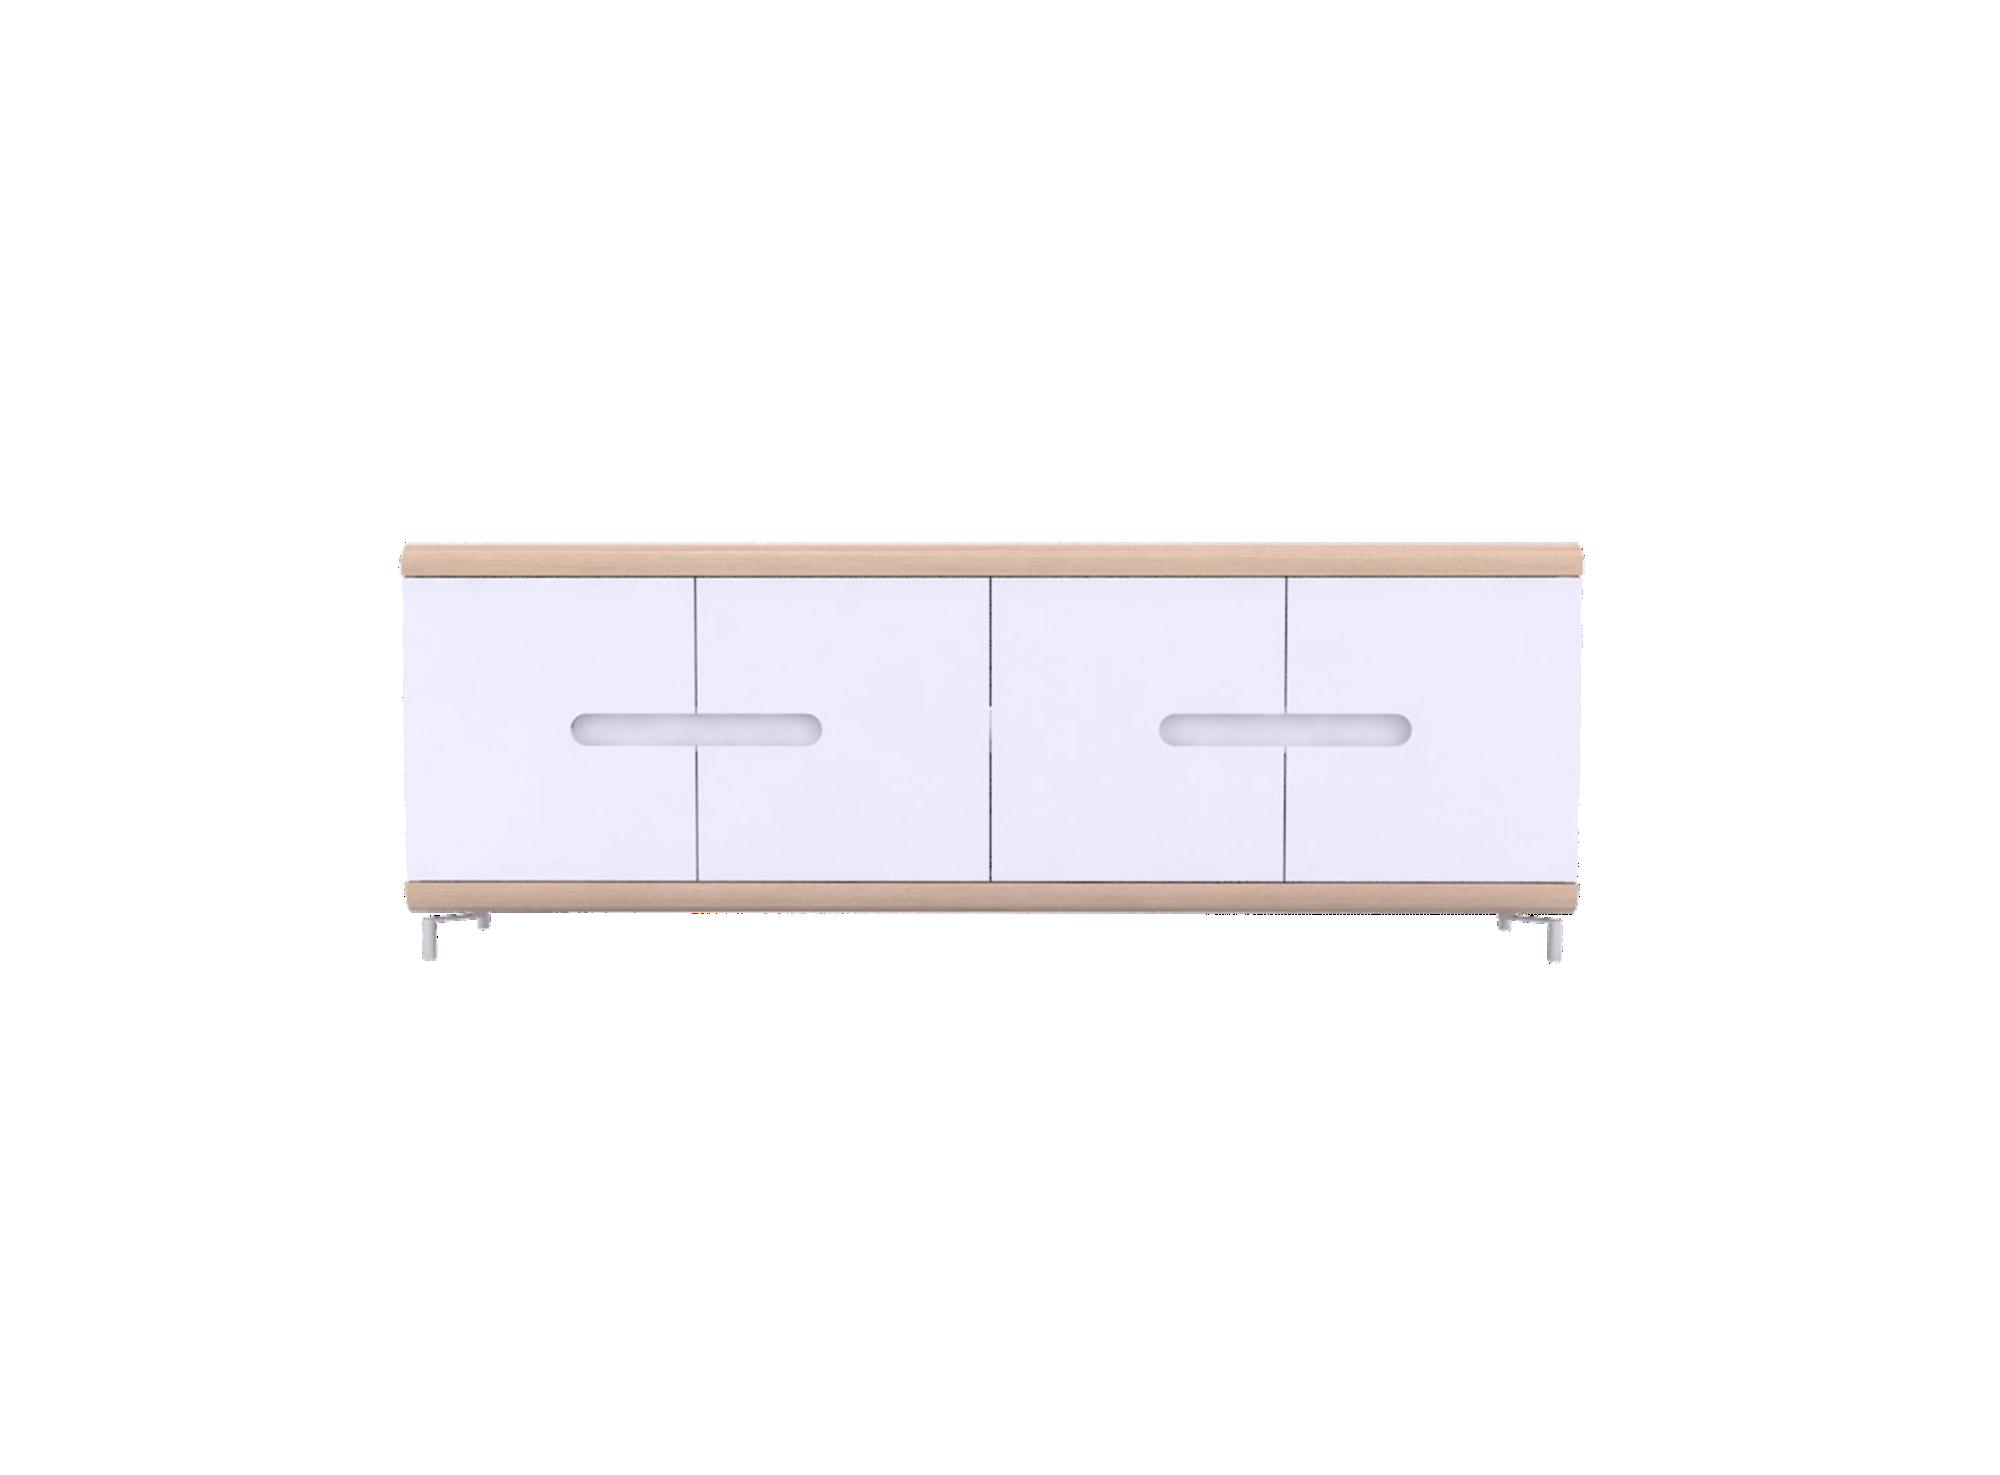 Rangement 4portes chene /blanc. structure panneau de particules + pan ...